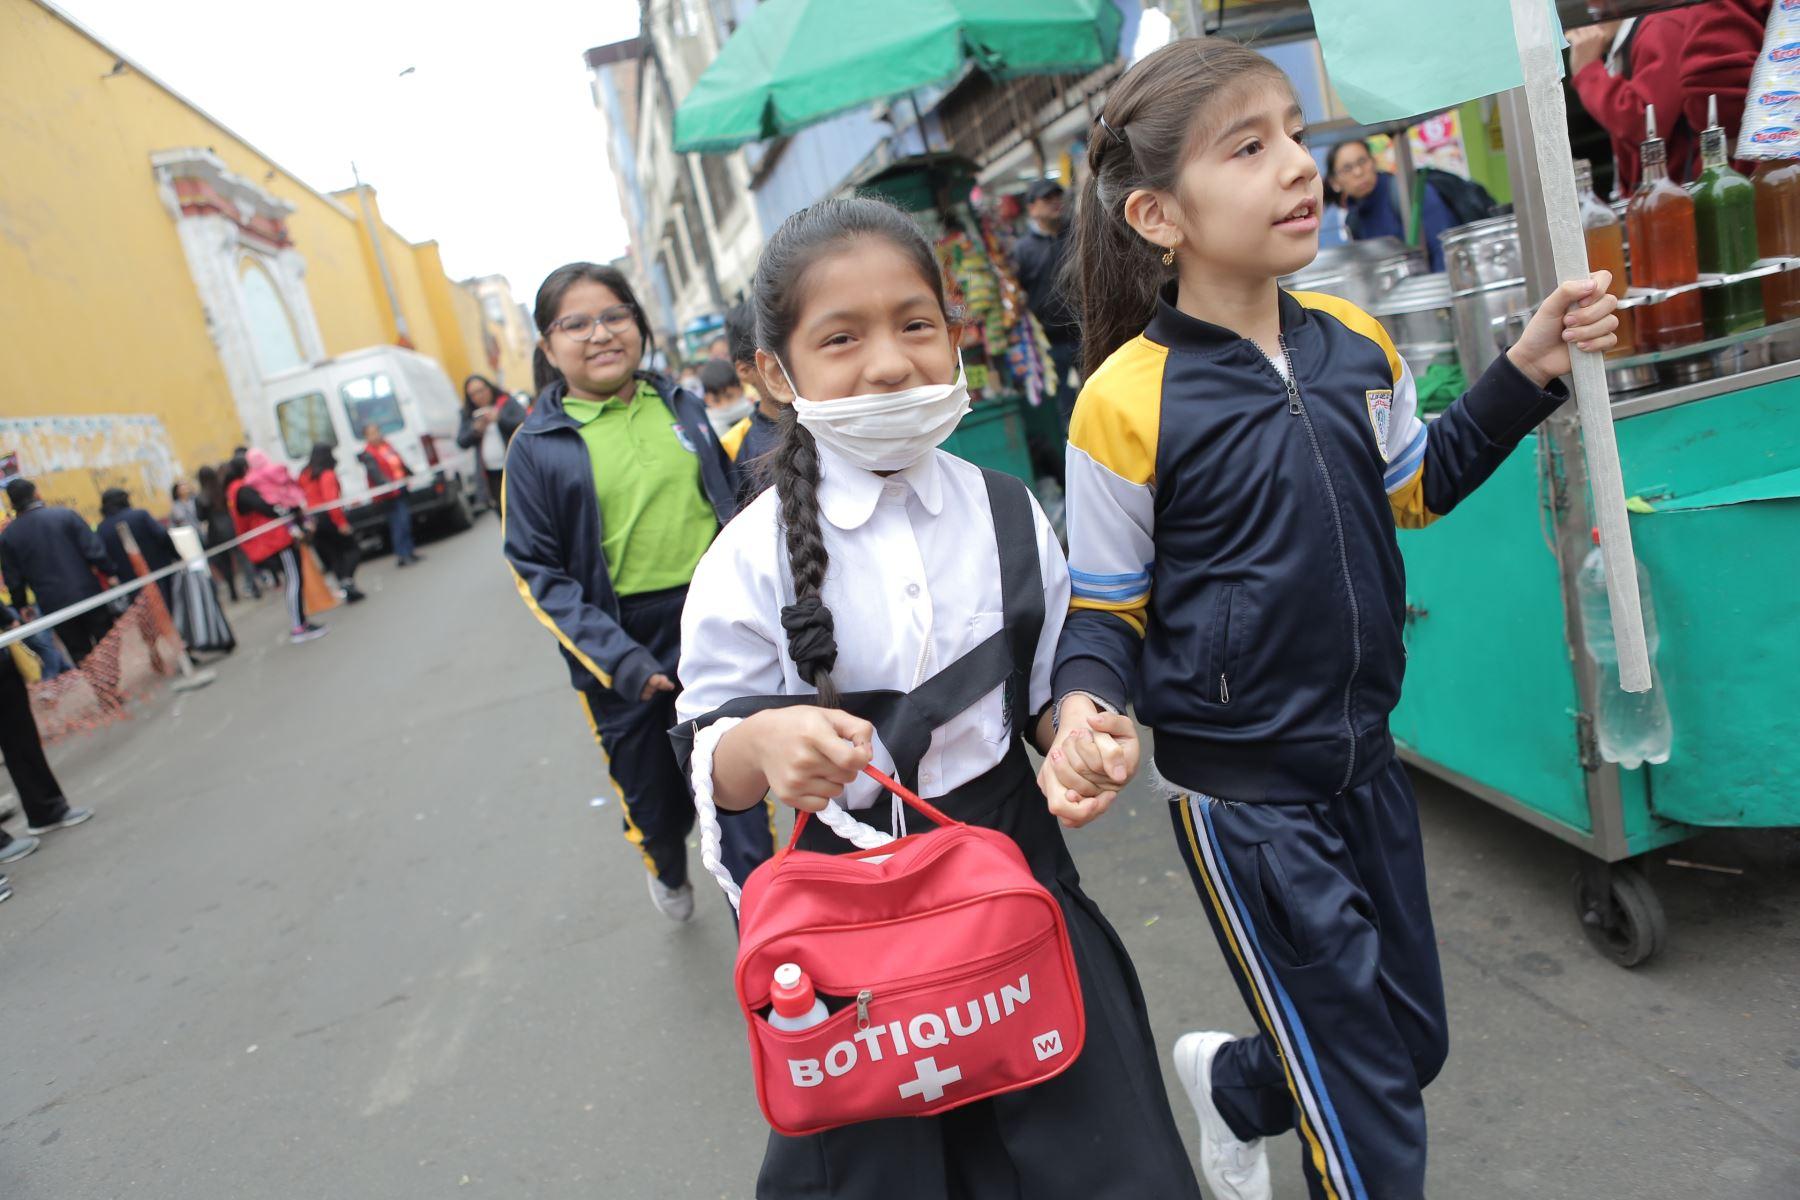 Simulacro nacional de sismo y tsunami en el I.E. 1038 María Parado de Bellido con el fin de monitorear la respuesta de los escolares durante una emergencia. Foto: ANDINA/ David Huamaní